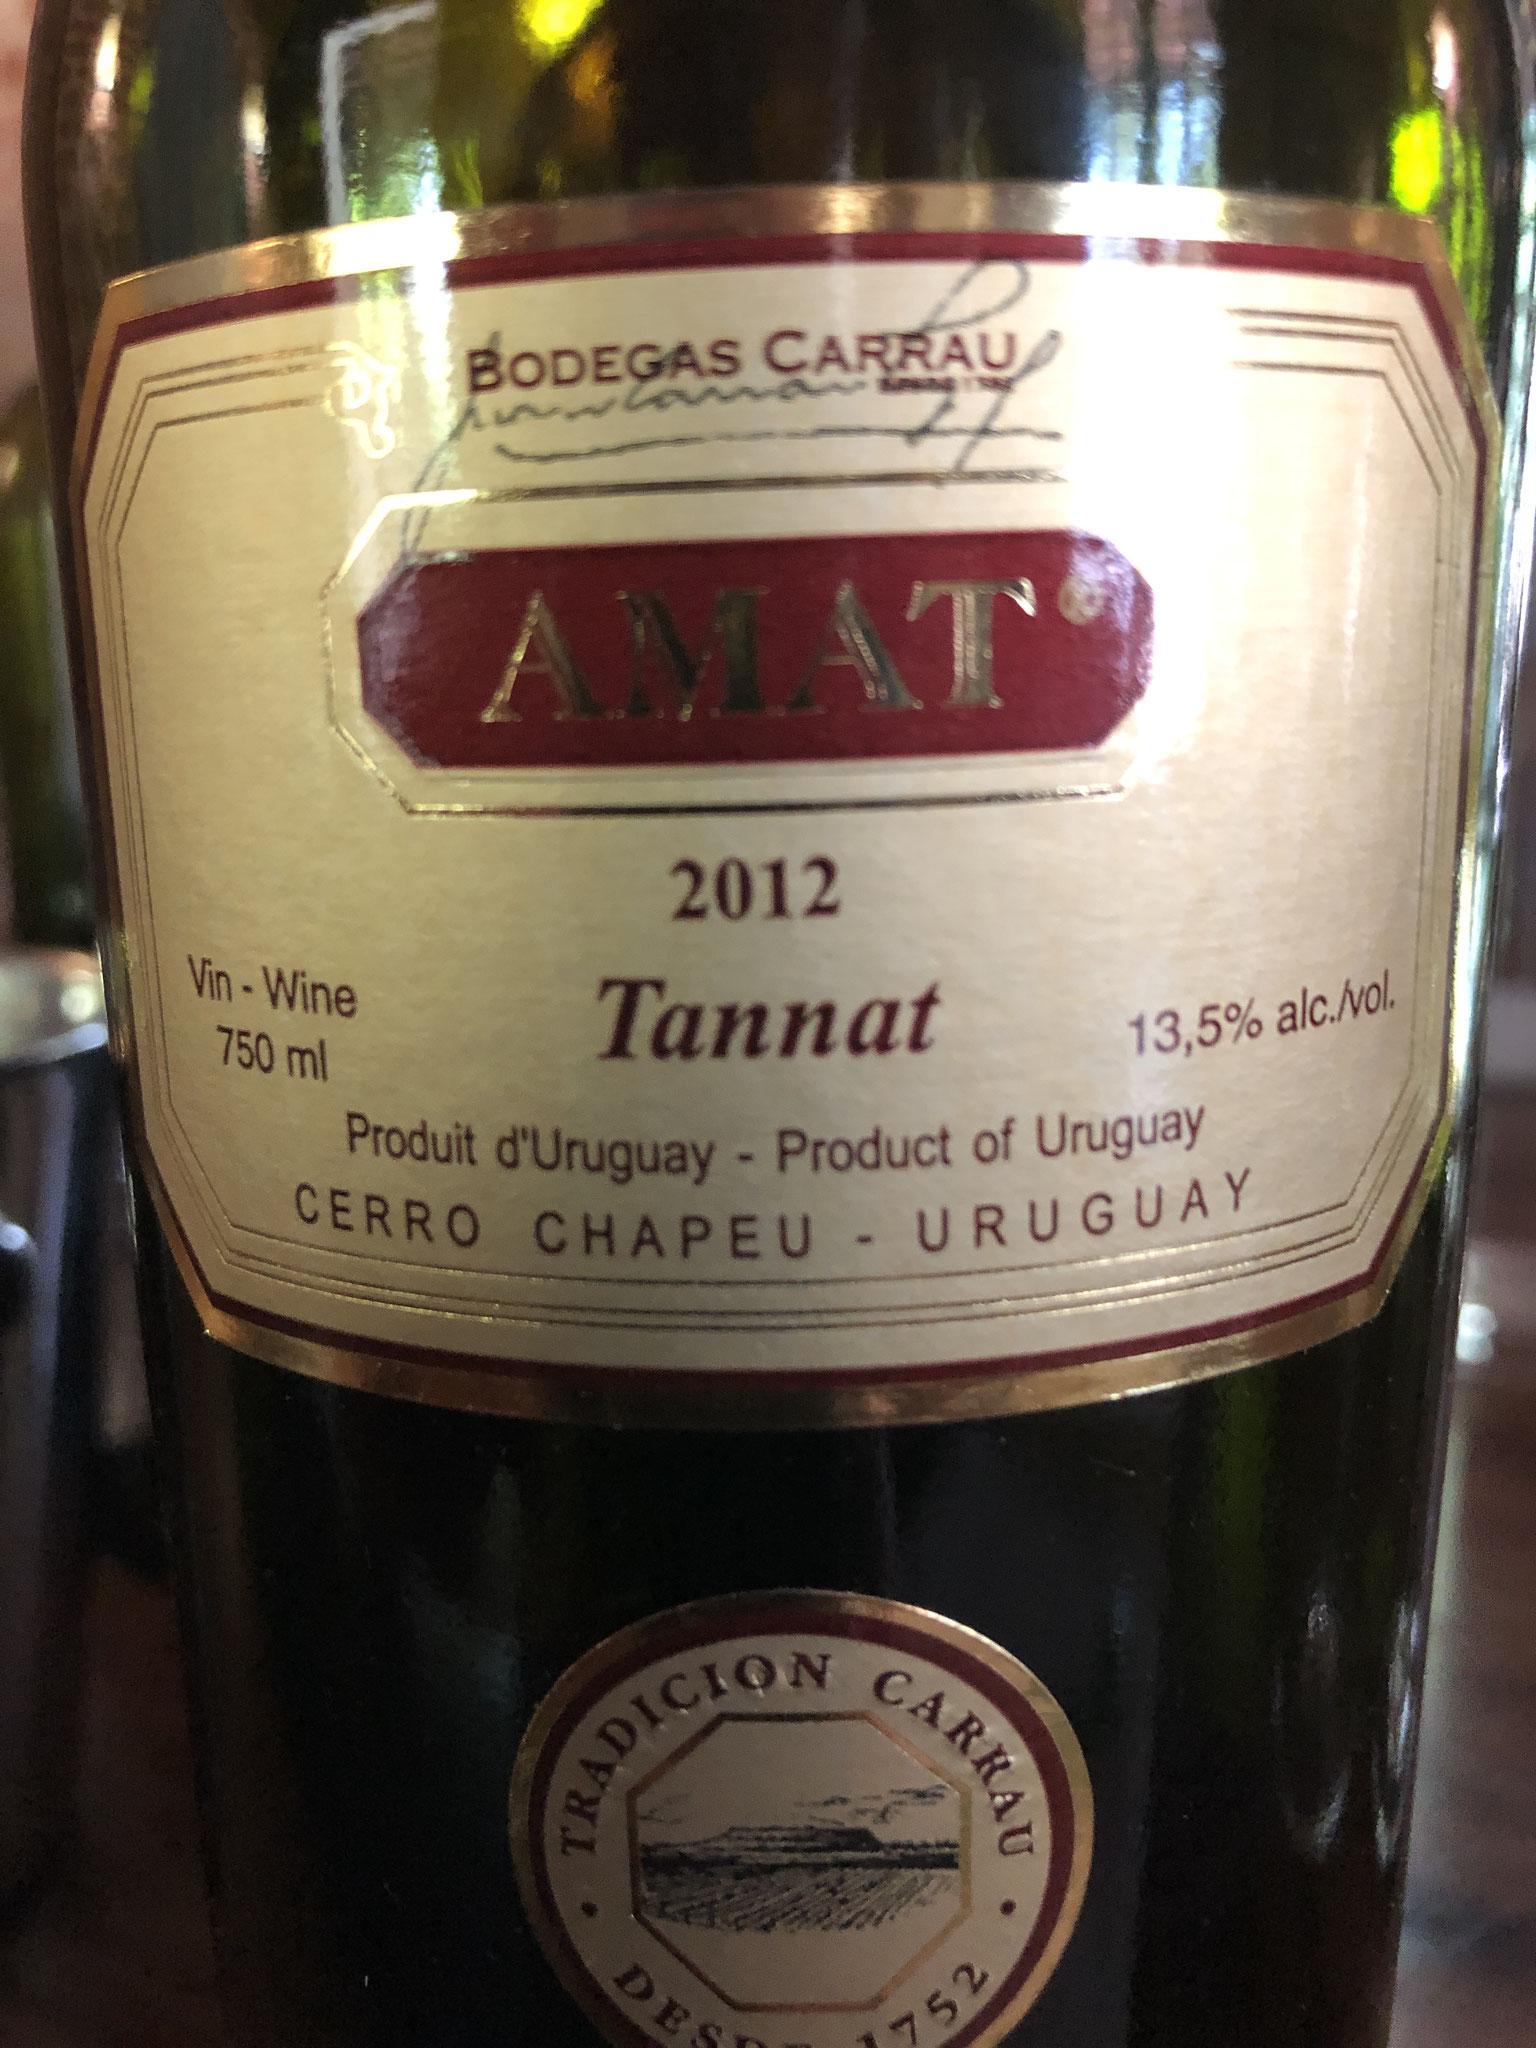 staat te lang open: gemaderiseerd :geoxideerd  (wijngaard in Rivera, na herverdeling binnen familie sinds 2017 cerro chapeu